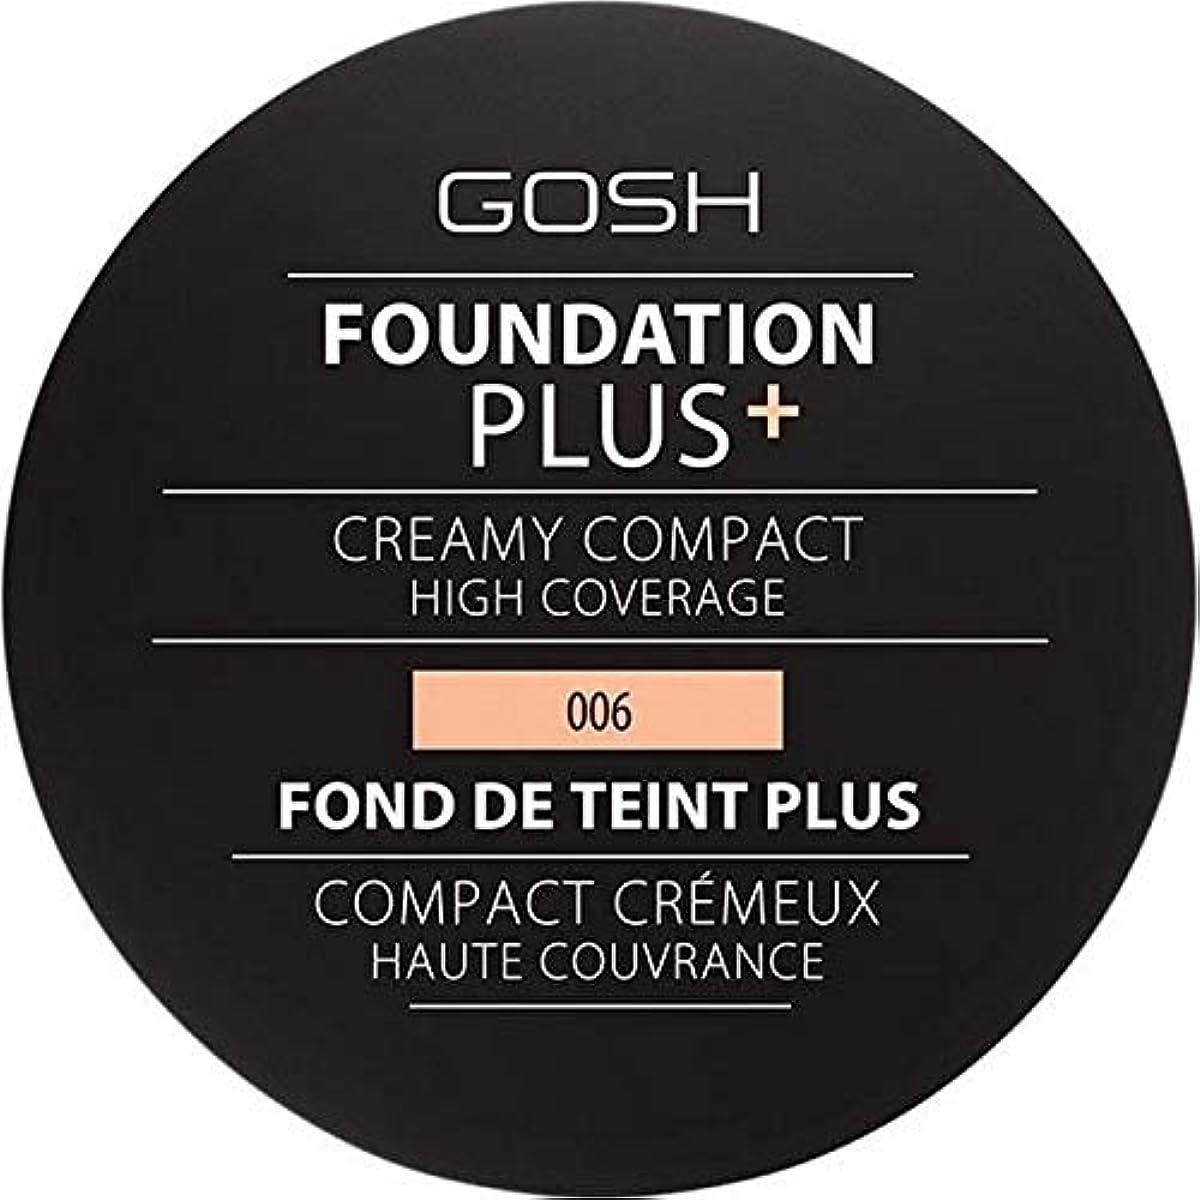 恥ずかしい時系列そうでなければ[GOSH ] 基礎プラス+クリーミーコンパクト蜂蜜006 - Foundation Plus+ Creamy Compact Honey 006 [並行輸入品]